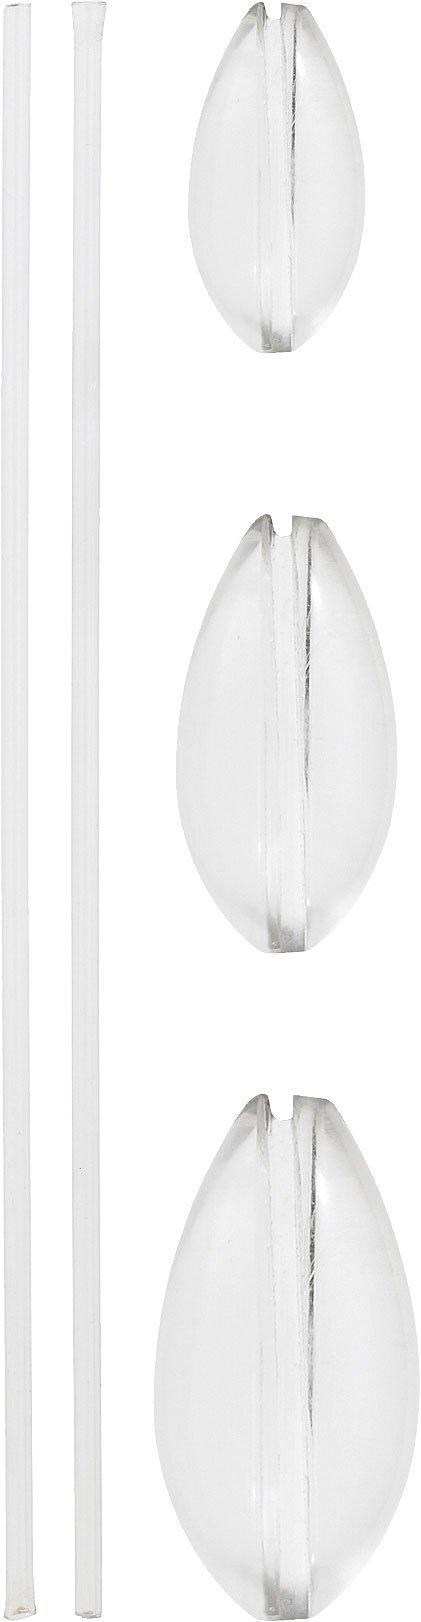 Gummistopper Spro Sbirolino Stopper Stick verschiedene Größen Top Preis